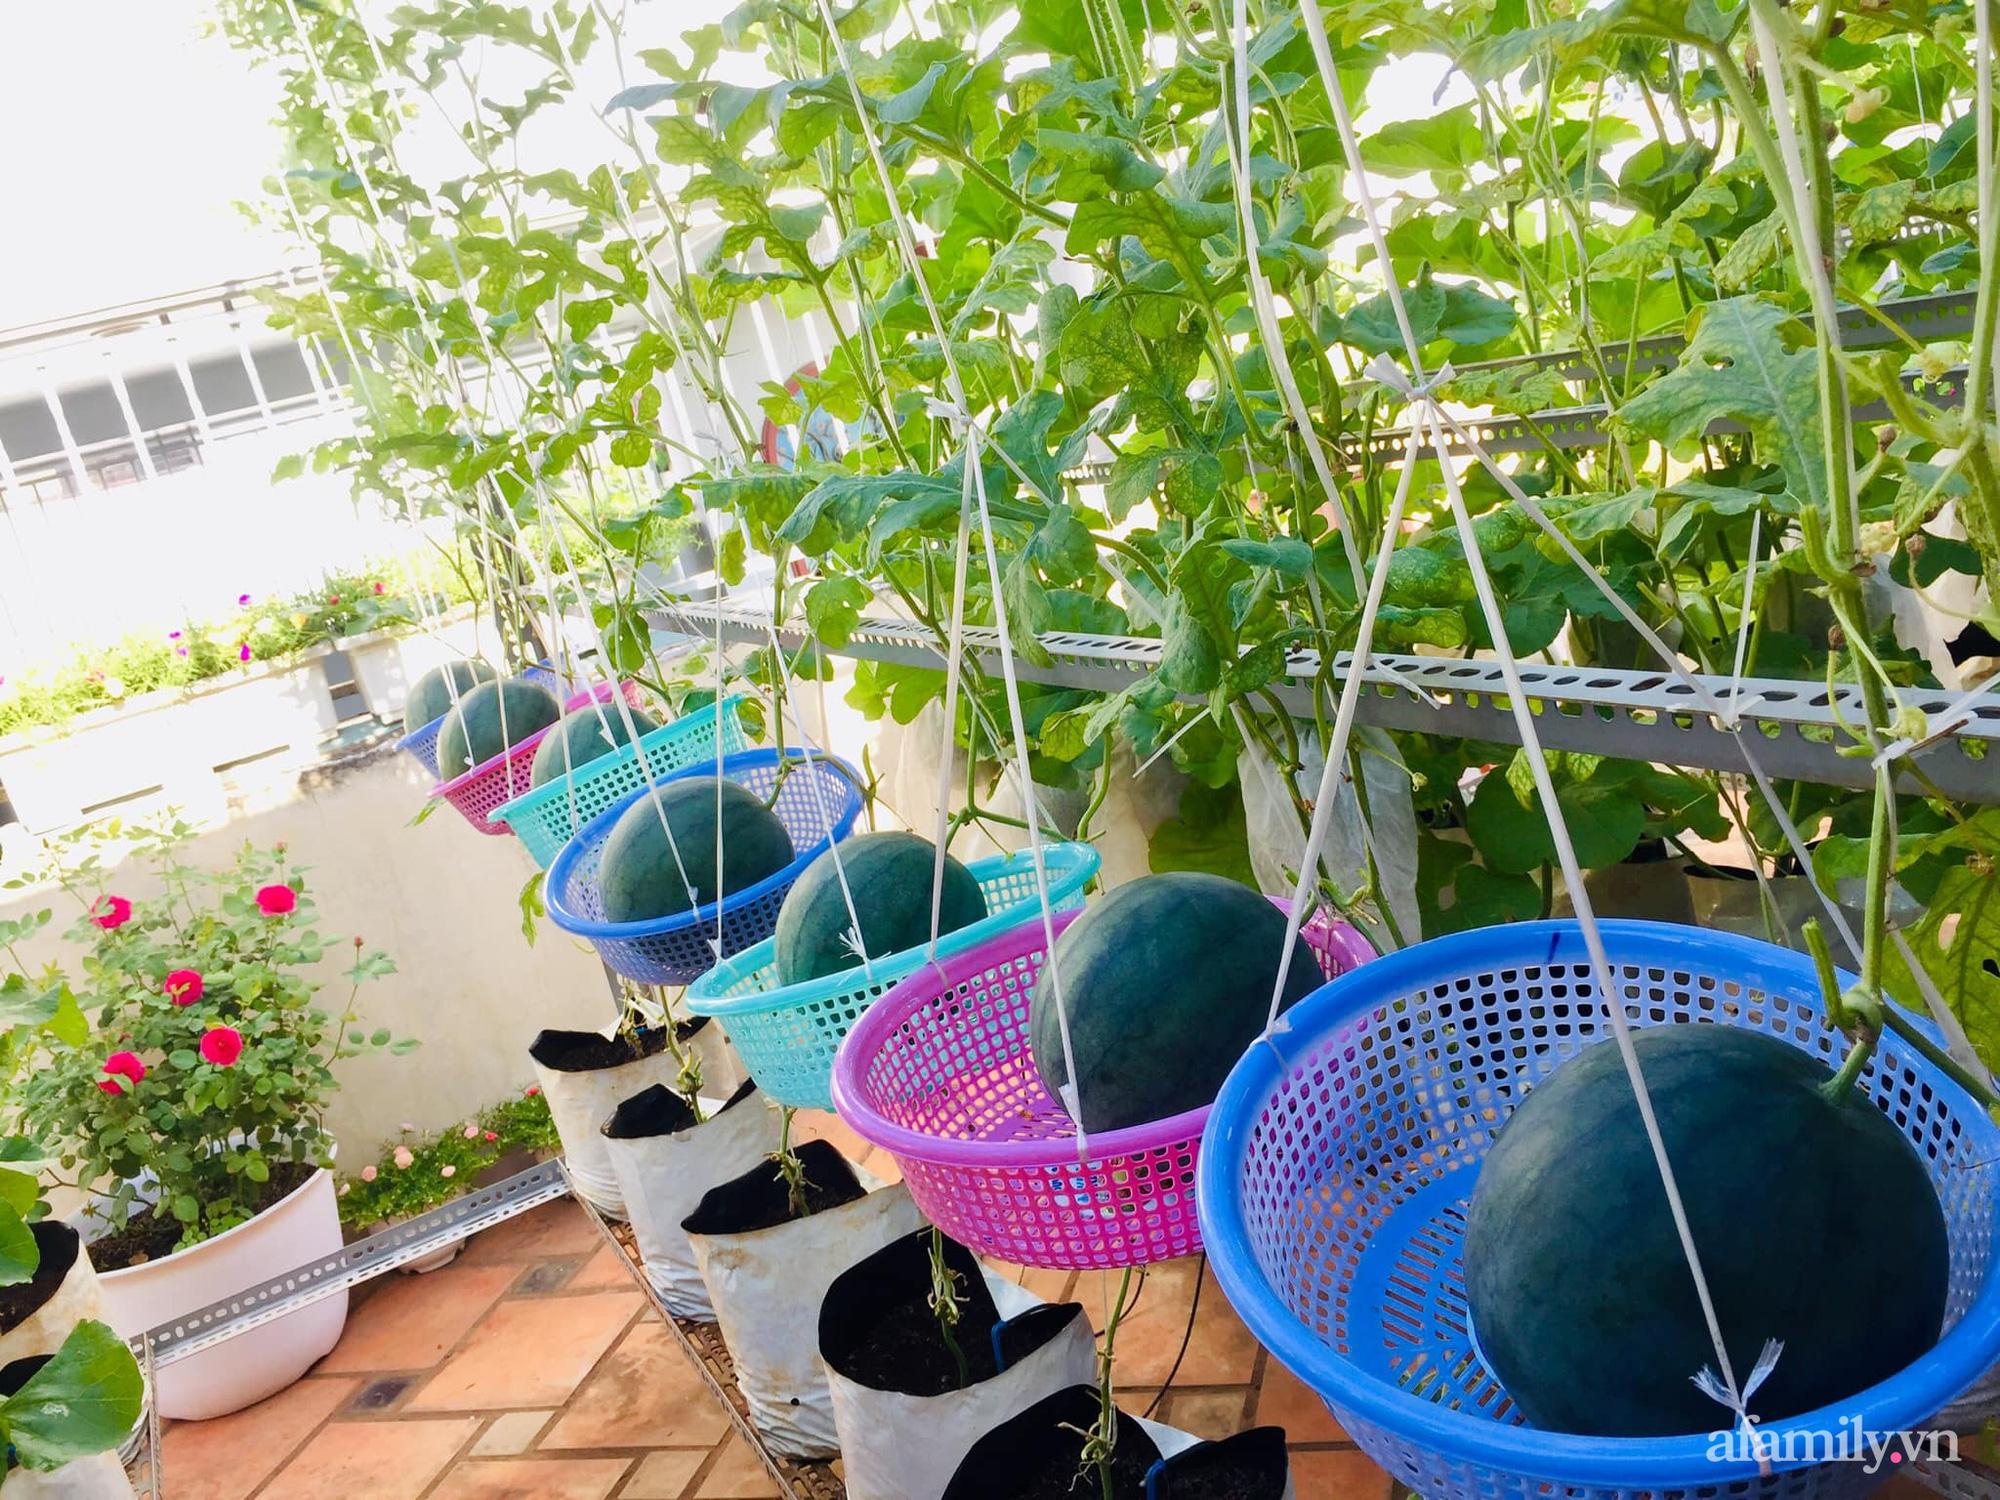 Ghé thăm sân thượng thu hoạch cả tạ dưa đủ loại của người phụ nữ đảm đang ở quận 6, Sài Gòn - Ảnh 6.